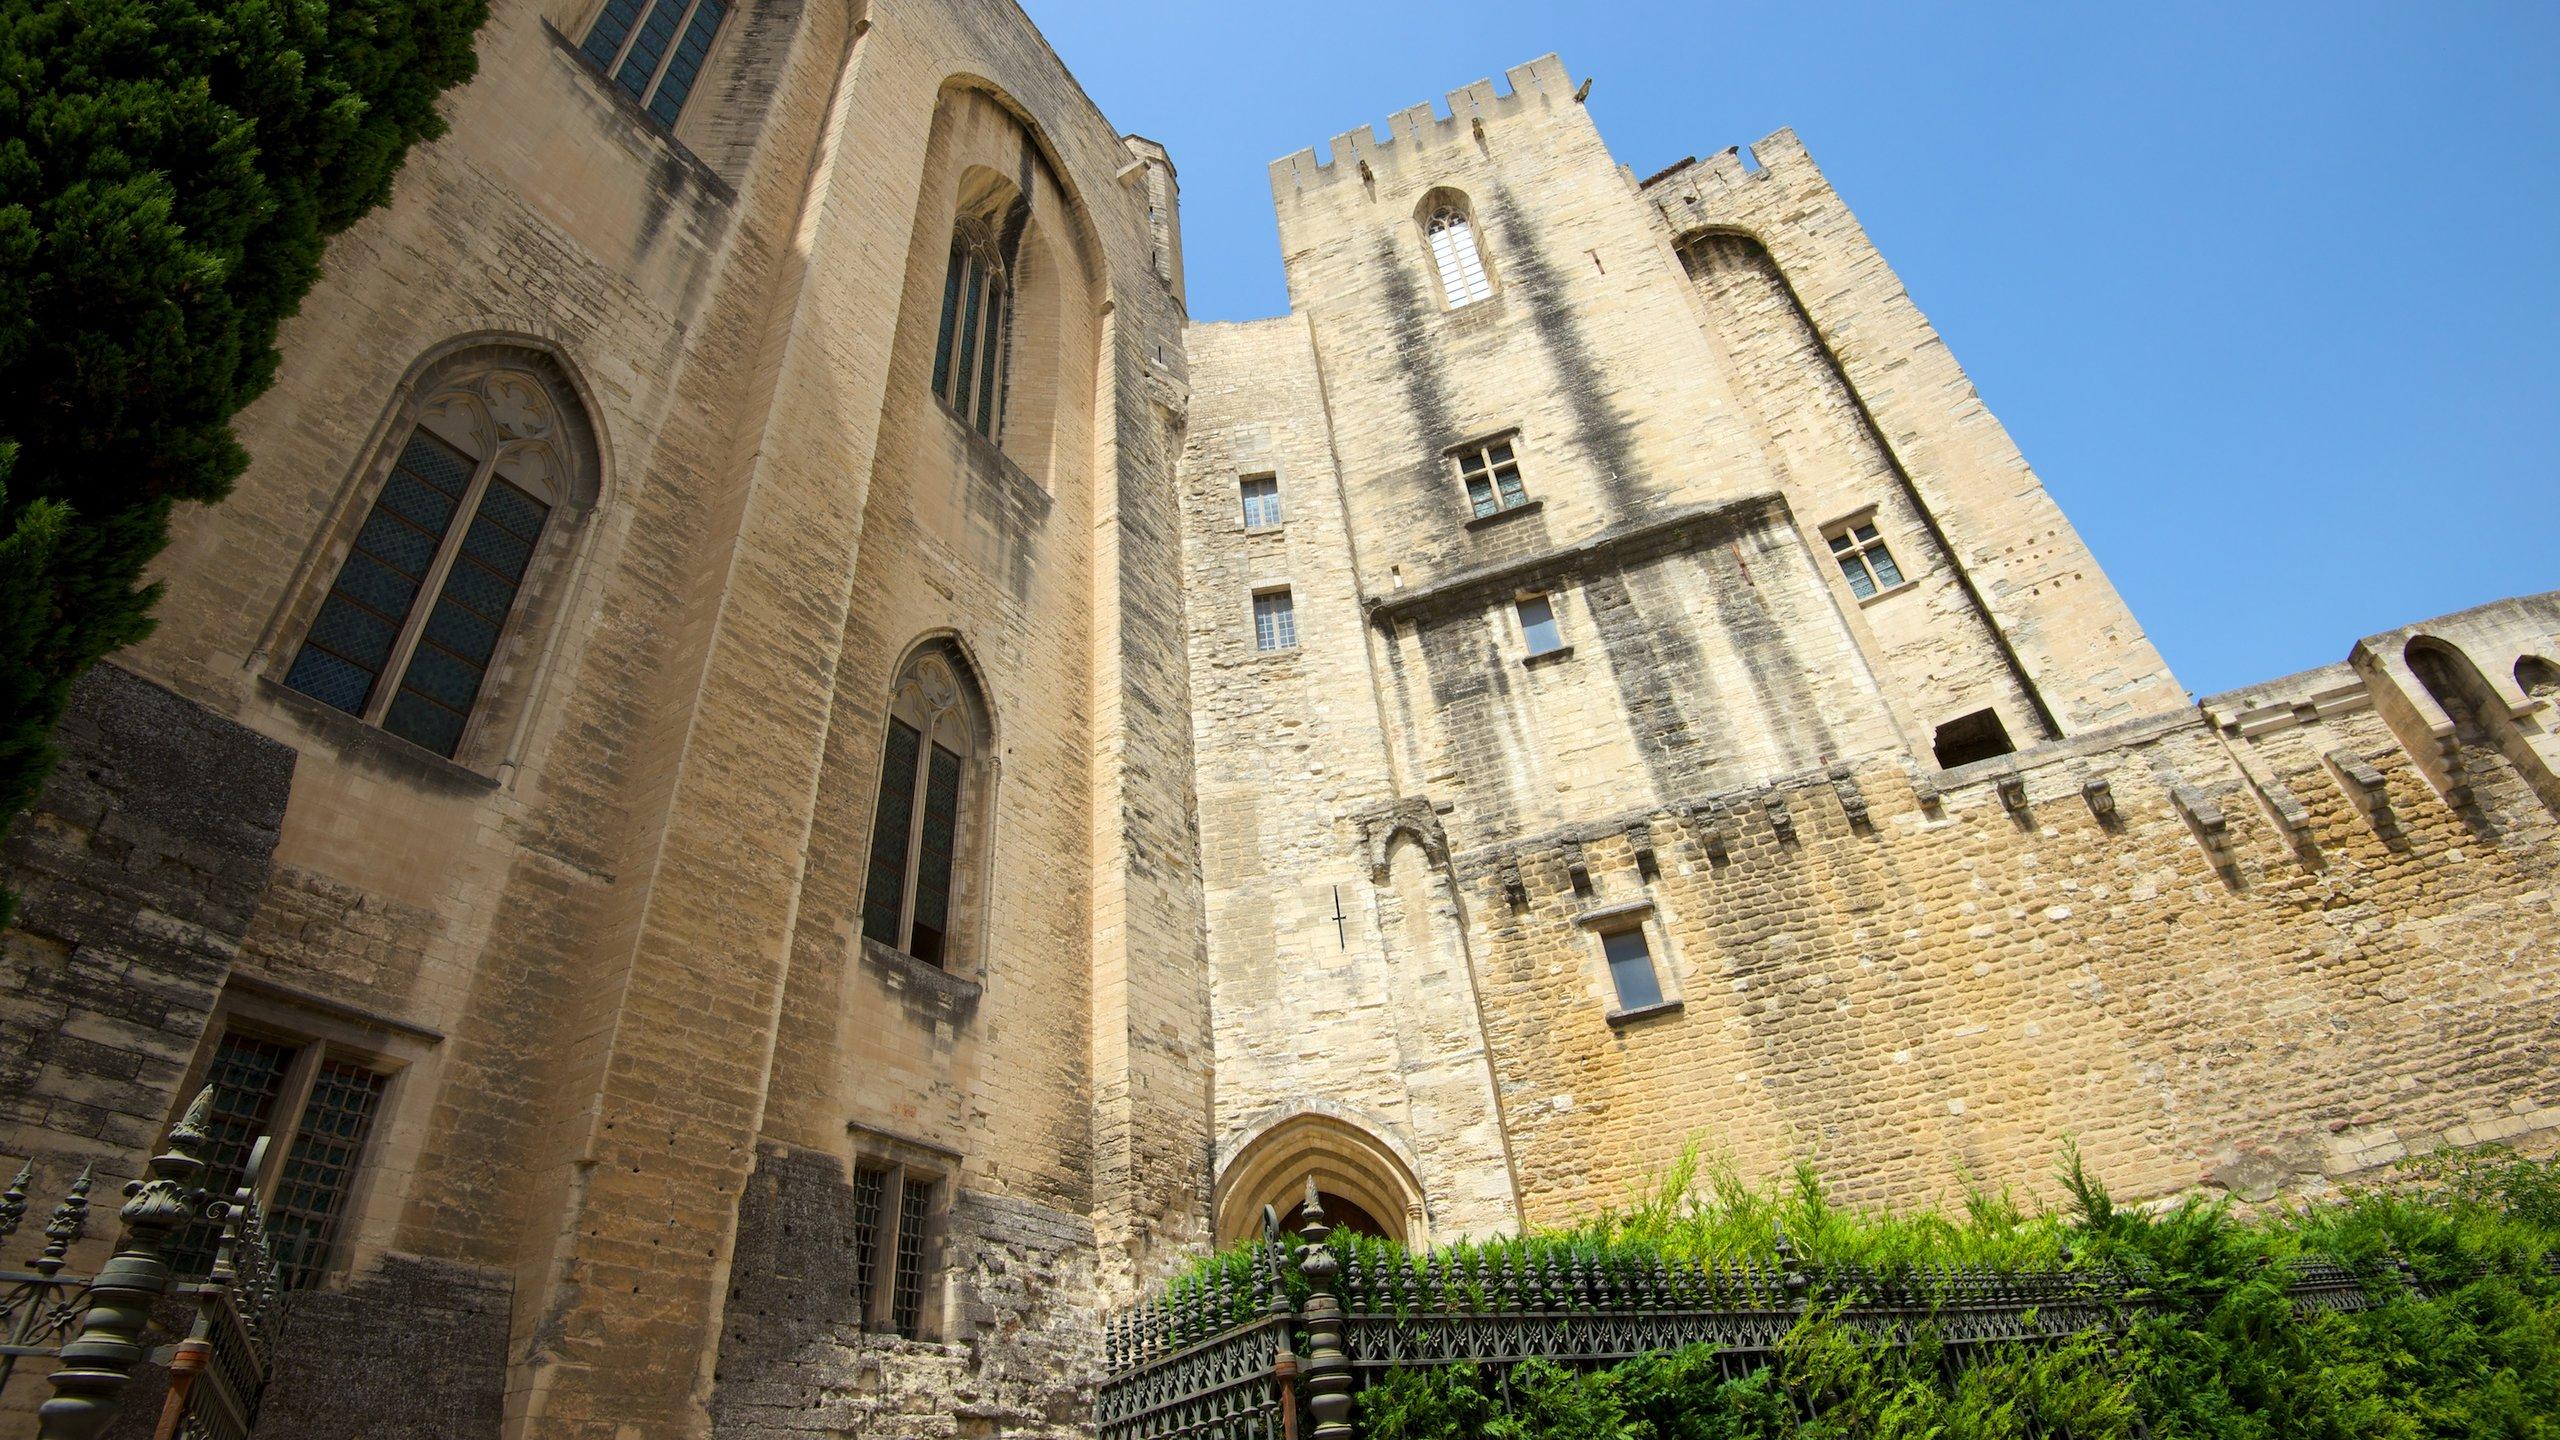 Avignon City Centre, Avignon, Vaucluse, France